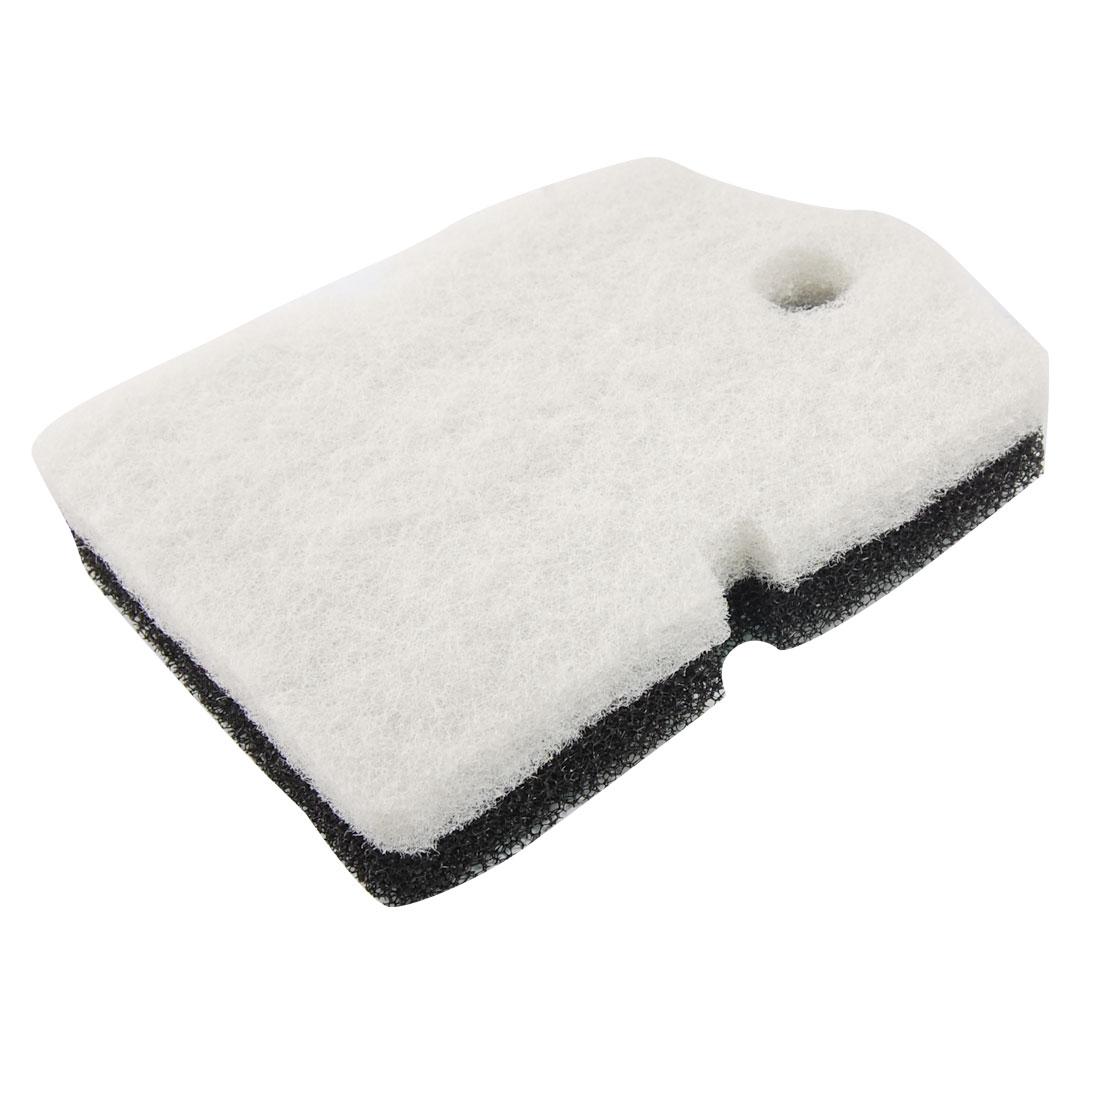 2 Pcs Aquarium Fish Tank Biochemical Filter Sponge Pad Black White